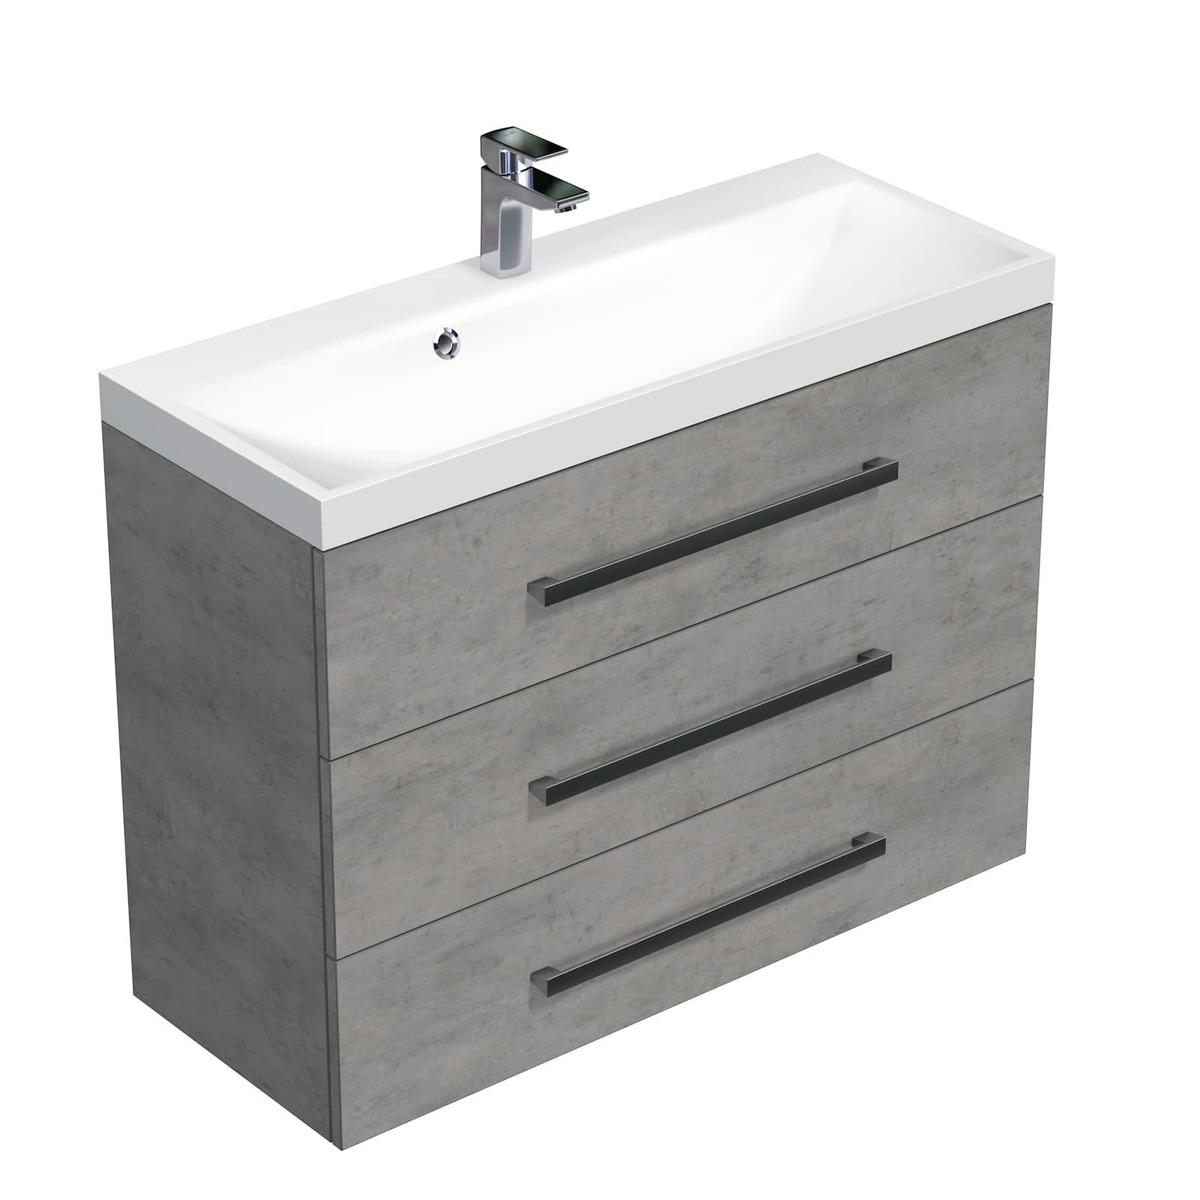 Koupelnová skříňka s umyvadlem Naturel Cube Way 100x76,5x40 cm beton CUBE21003BE